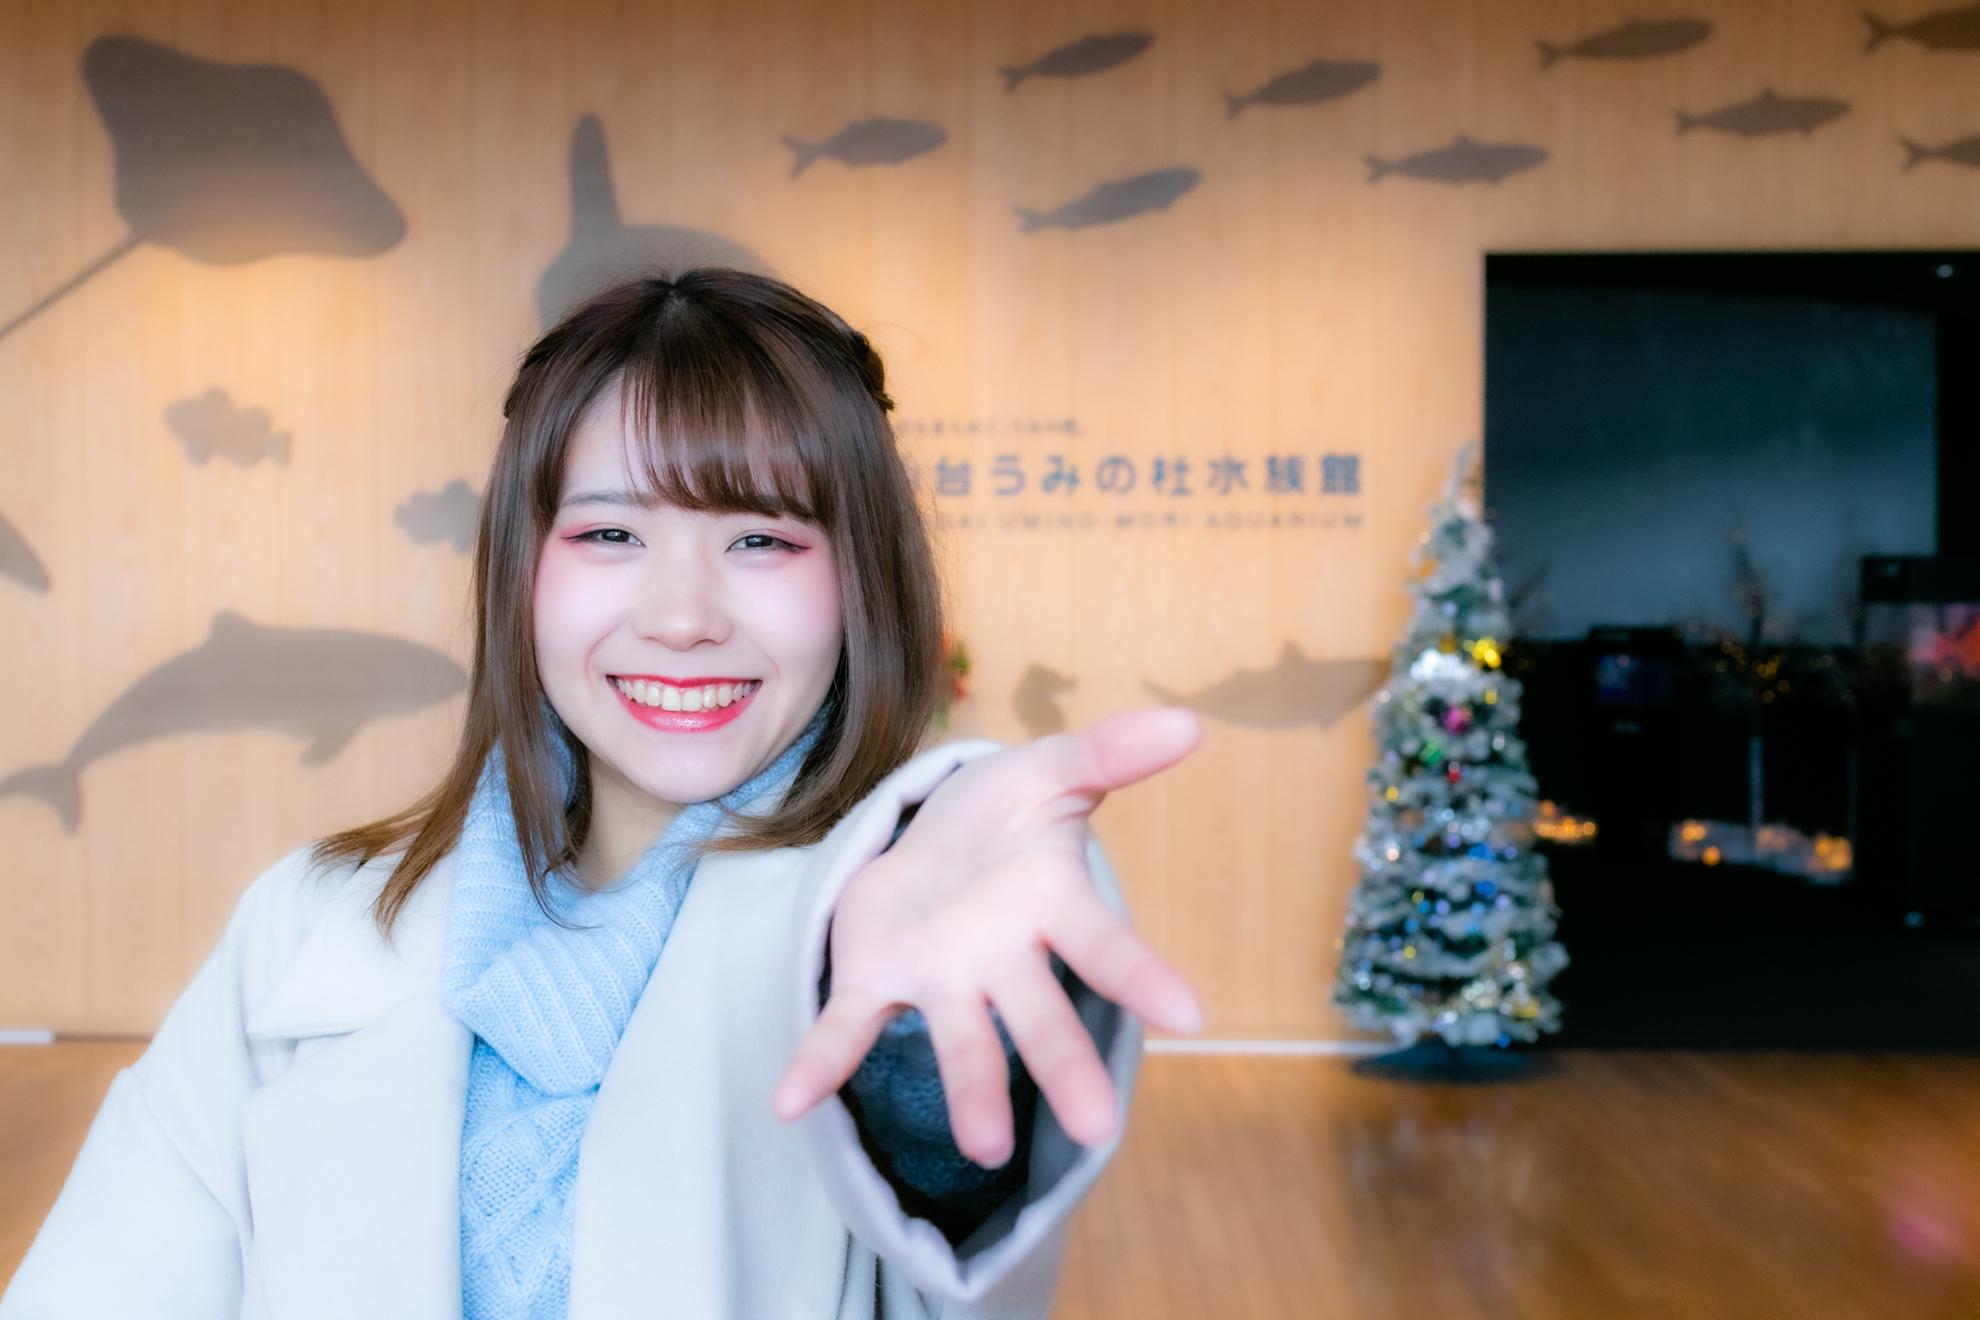 仙台海の杜水族館:卯月紅葉さん|シグマ Art 30mm F1.4 DC HSMのレンズレビュー